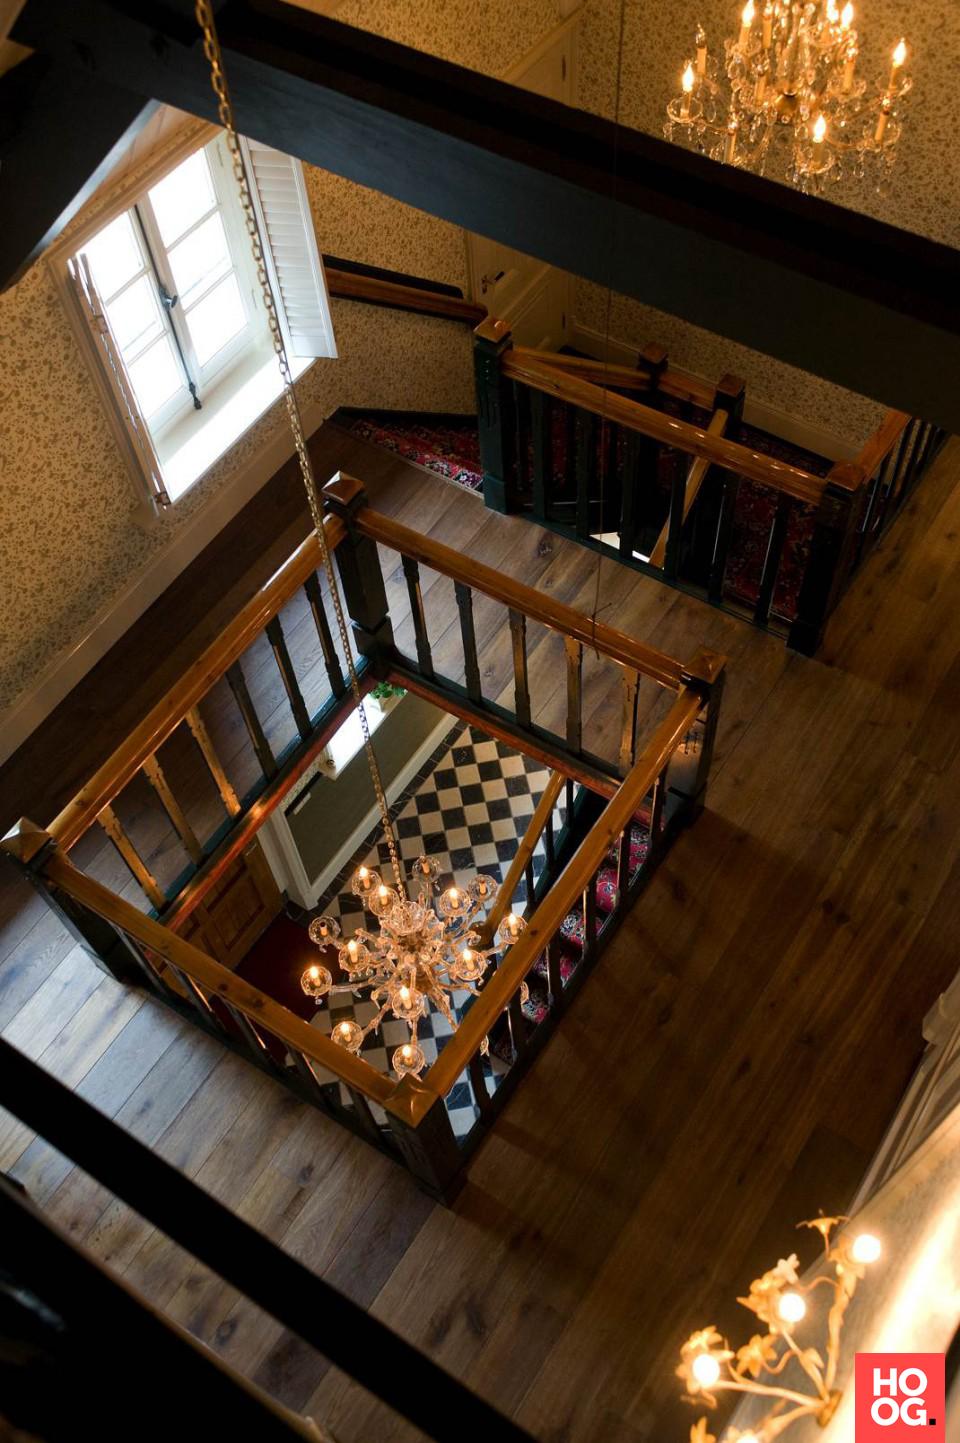 Hal met houten vloeren | hal inrichting | interieur inspiratie | wit interieur | Hoog.design #halinrichting